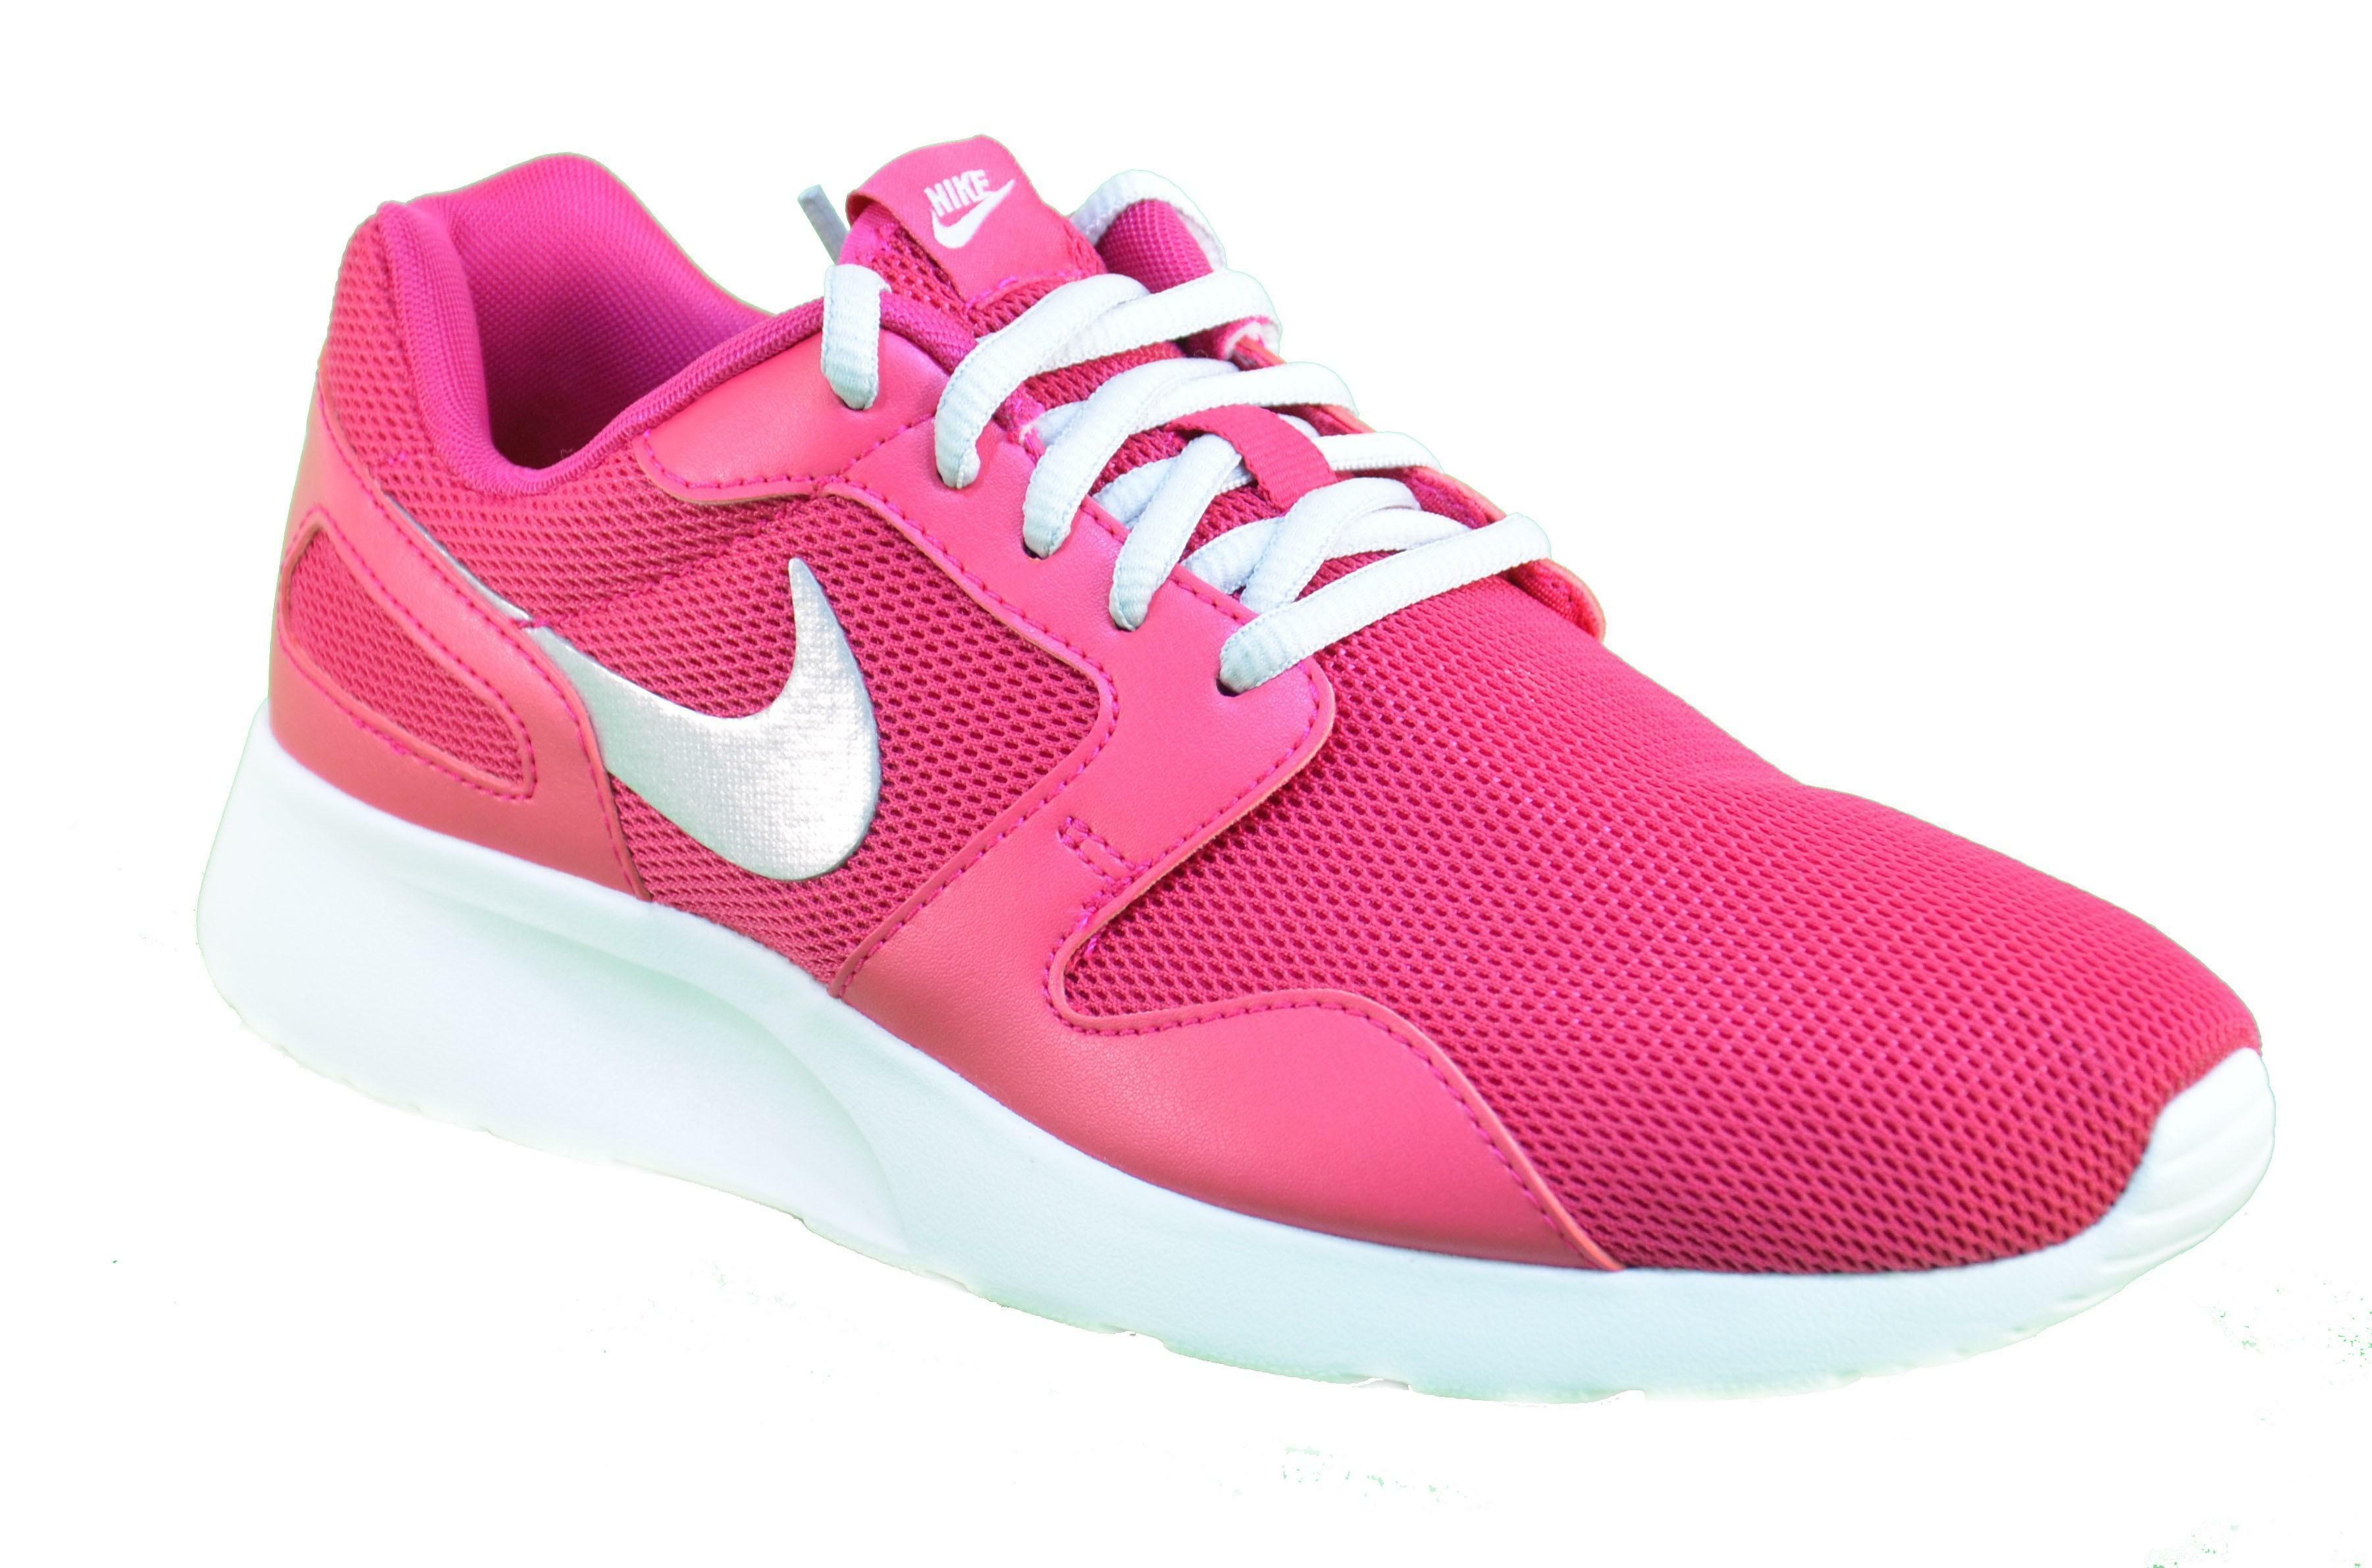 nike scarpe donna kaishi  wmns tela rosa lacci 654845 601